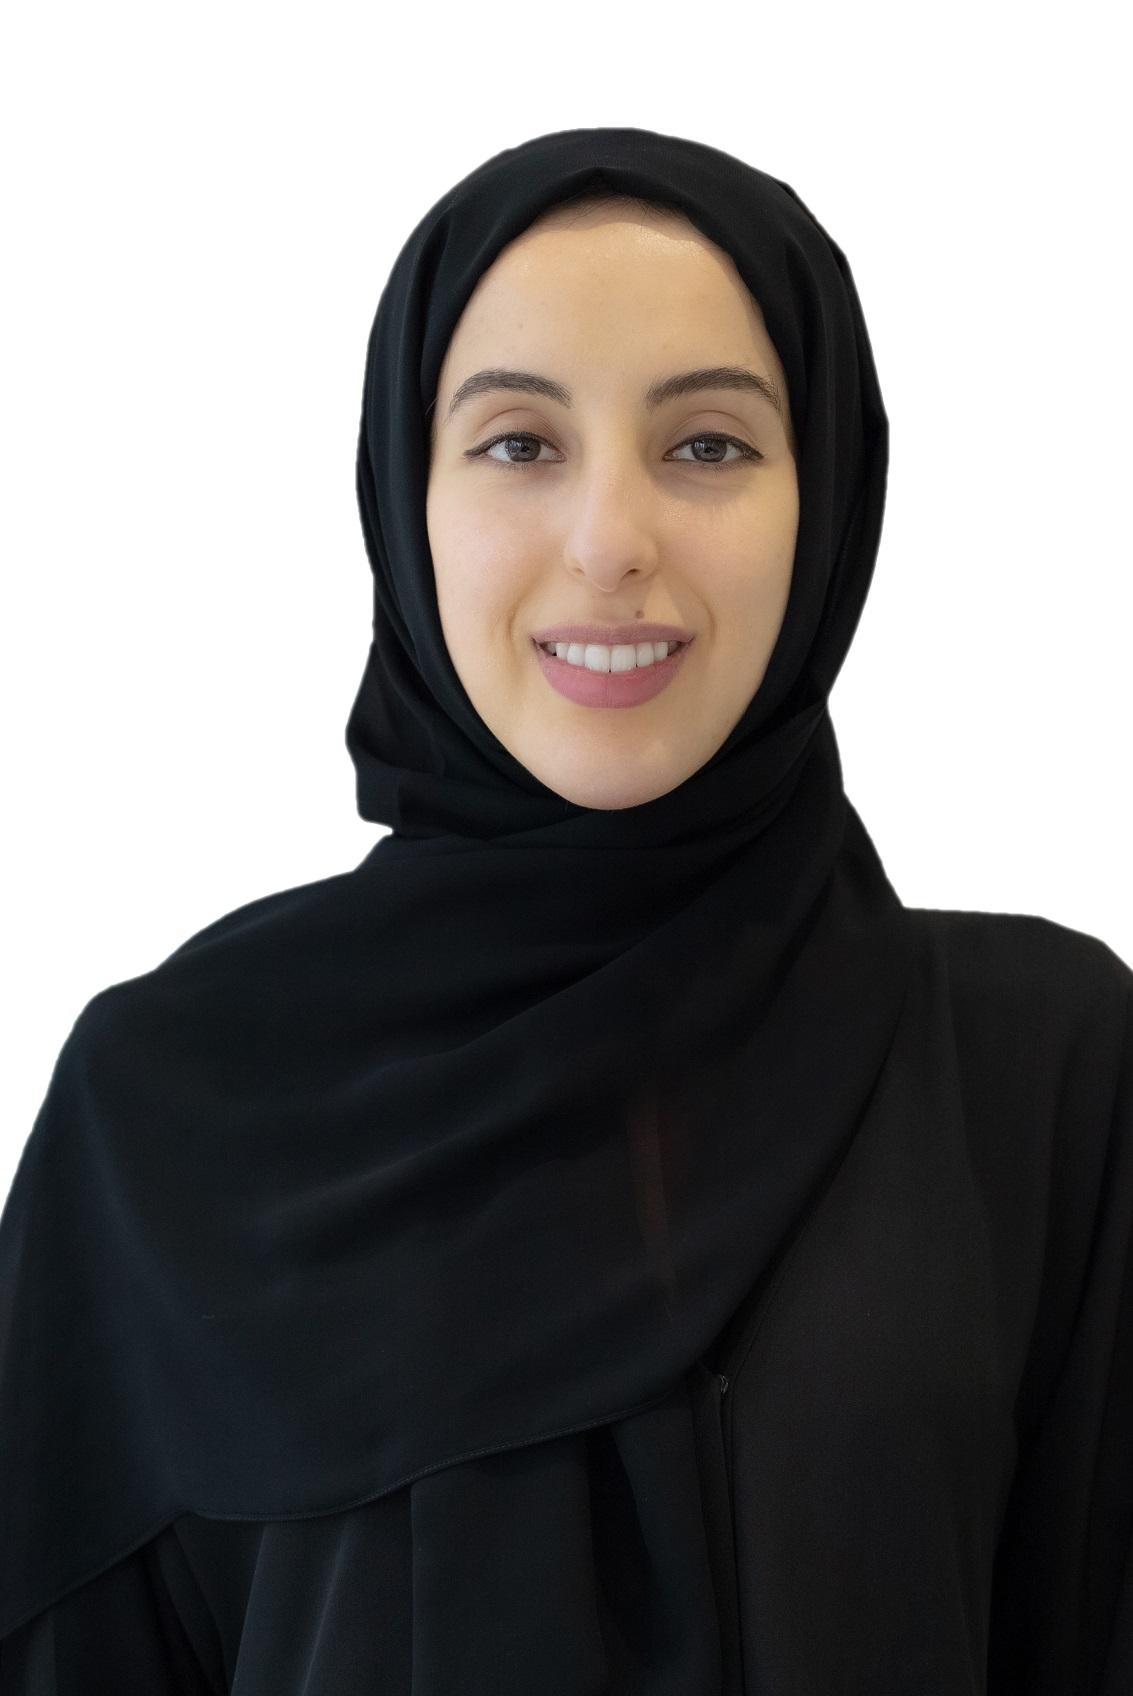 ثاني الزيودي : شباب الإمارات هم الاستثمار الحقيقي والرهان الرابح لصناعة غد مزدهر